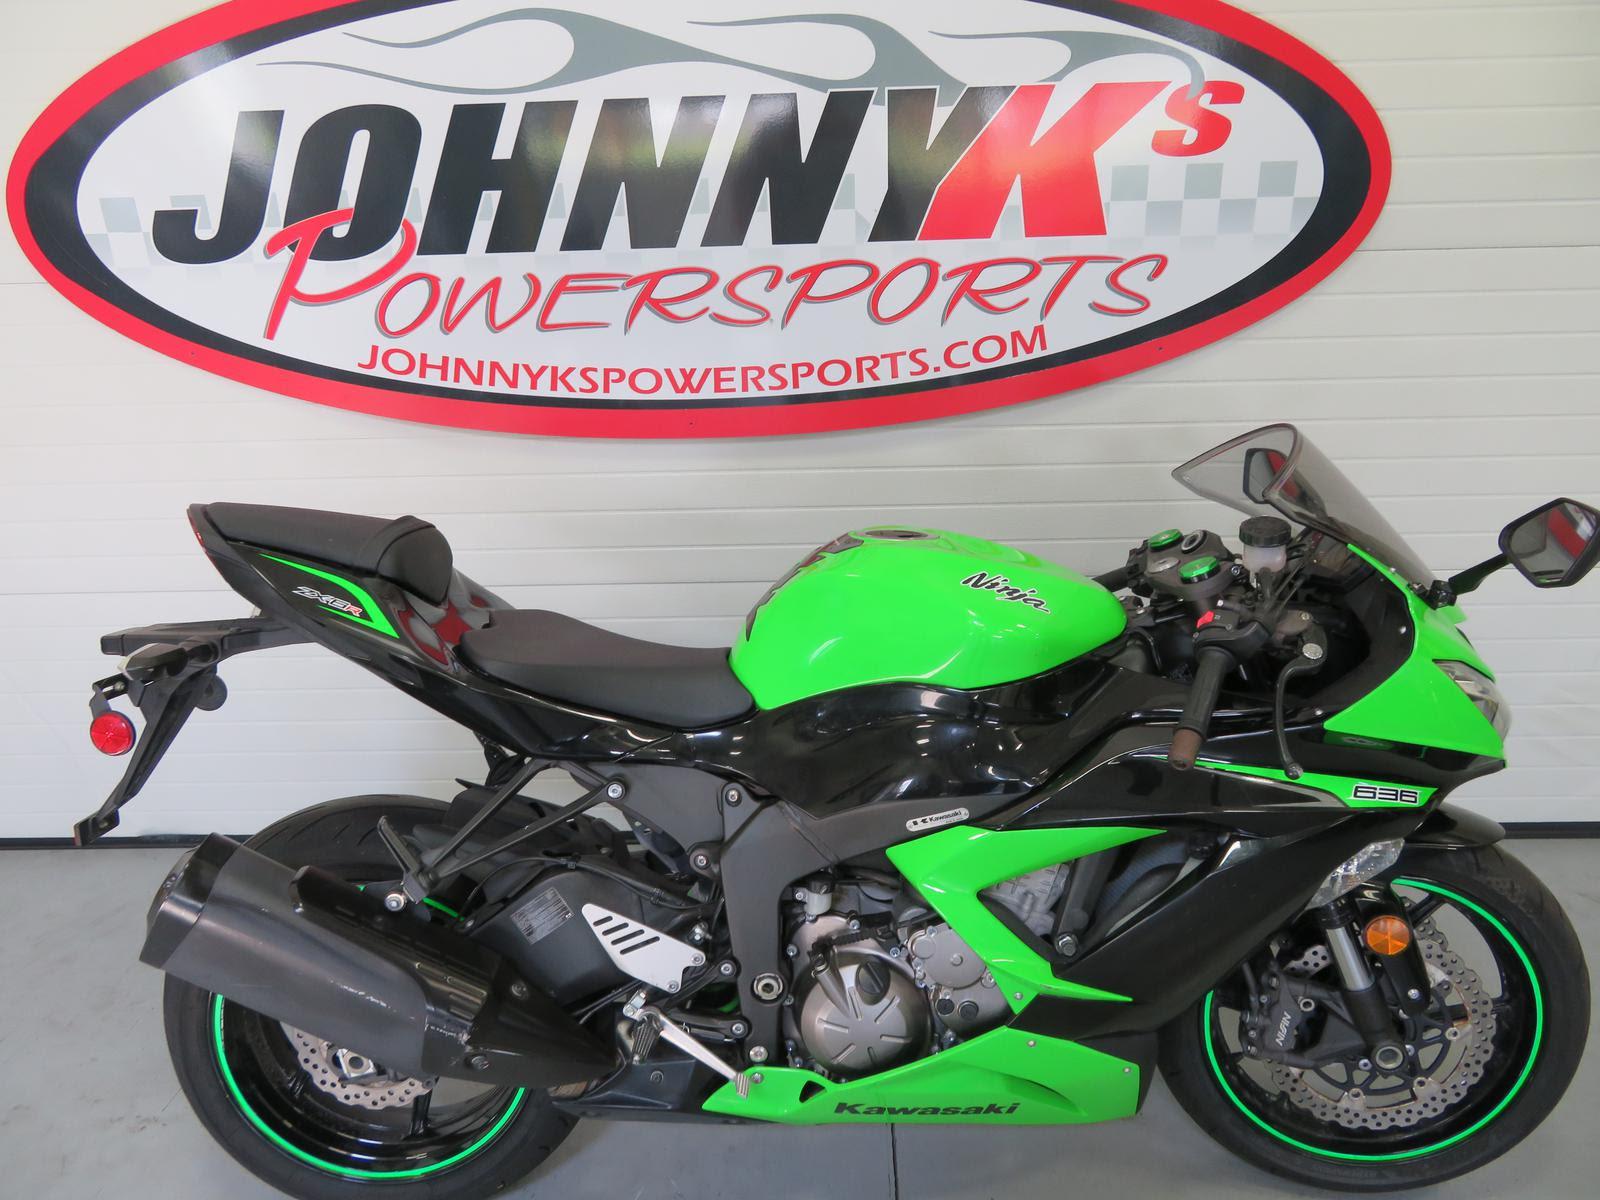 2015 Kawasaki Ninja Zx 6r